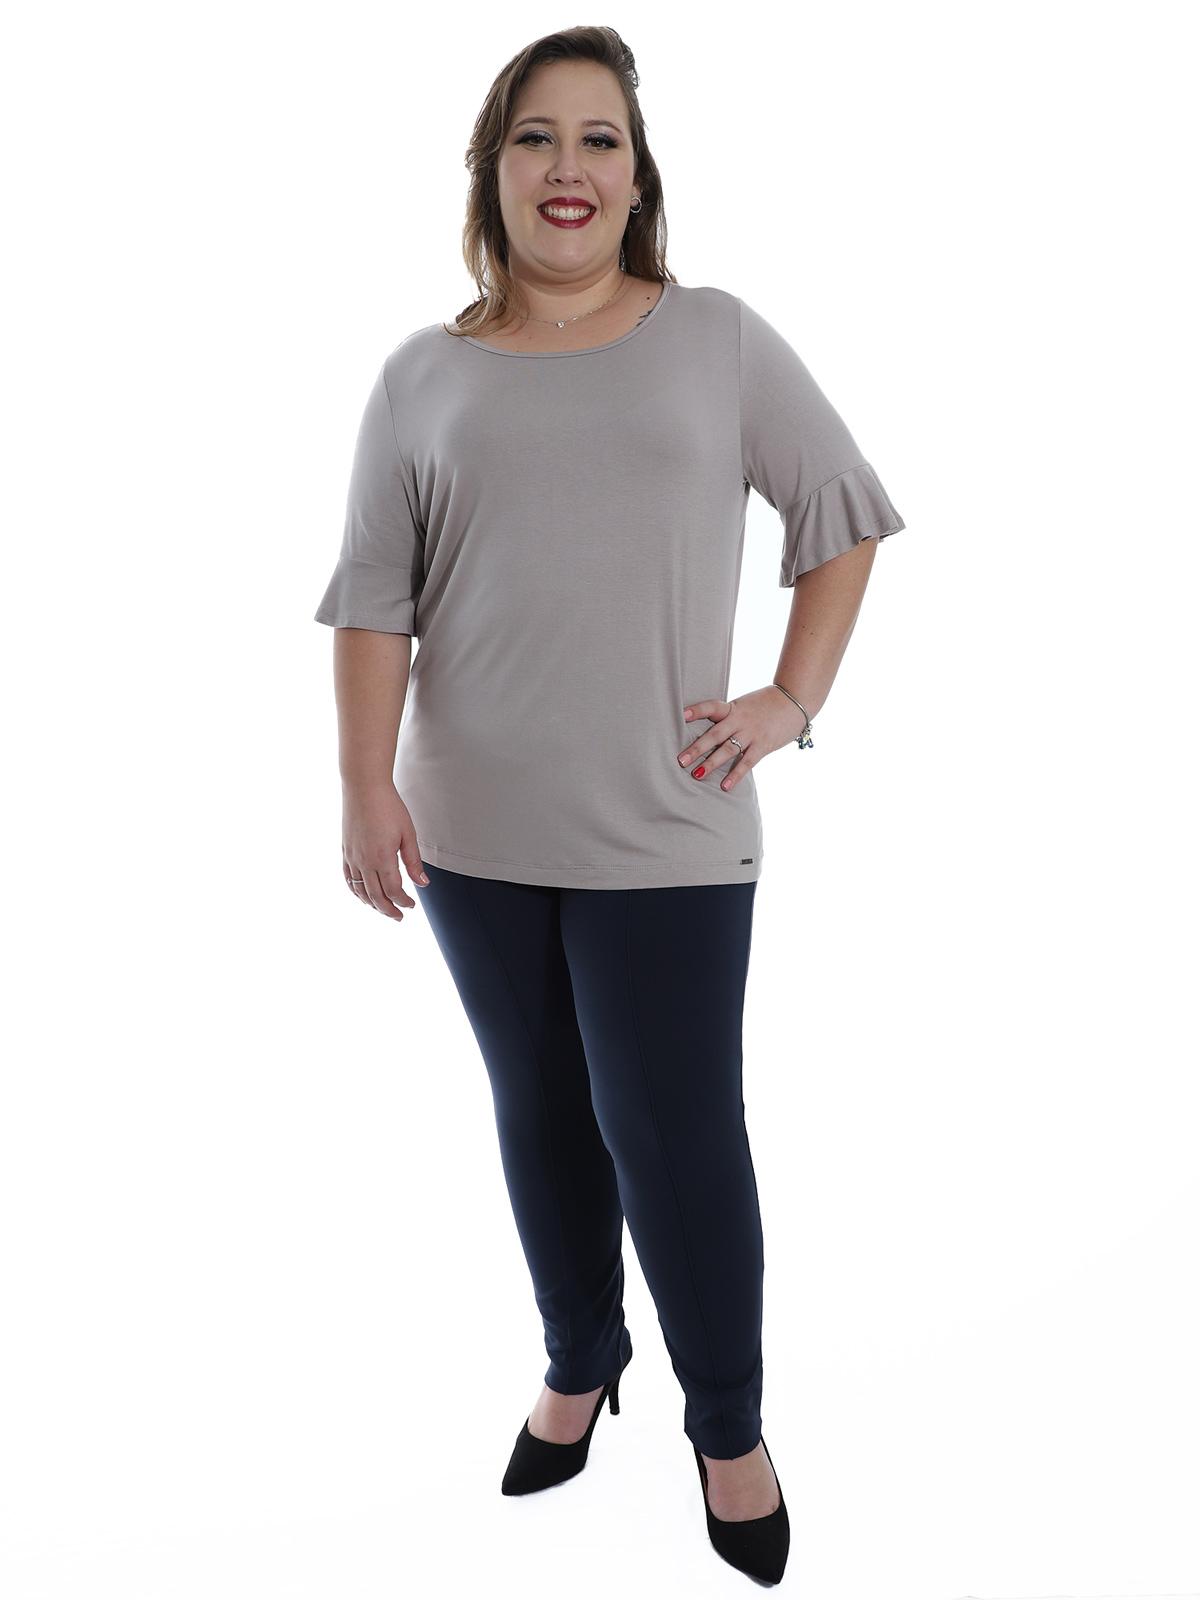 Blusa Plus Size Feminina Decote Redondo Visco Areia